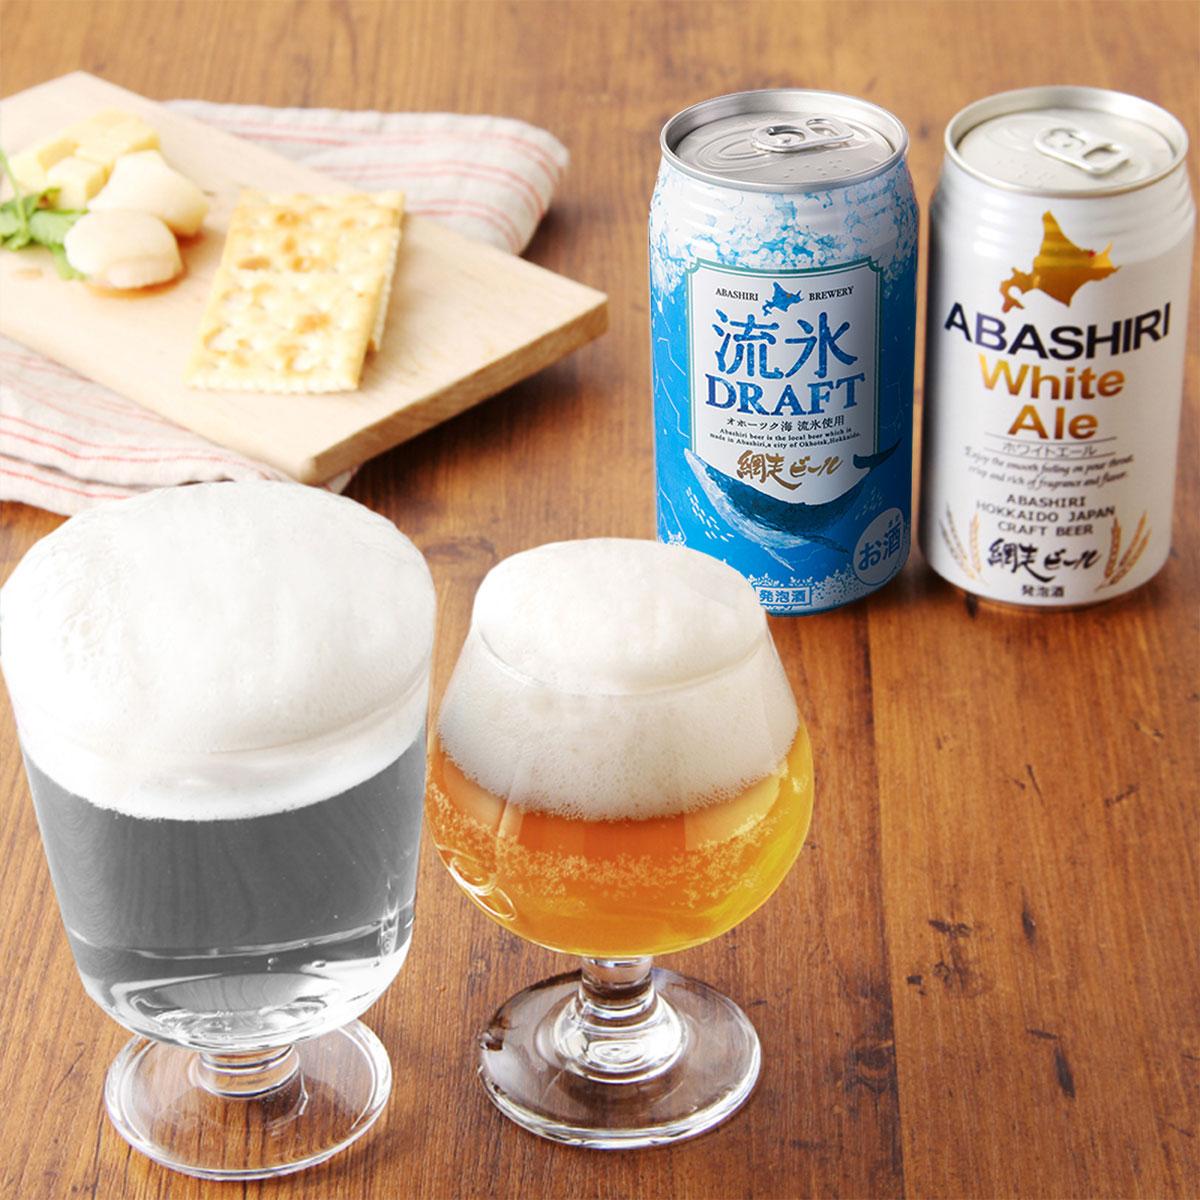 網走ビール 15缶セット〔流氷ドラフト350ml×5本、ABASHIRI White Ale350ml×10本〕